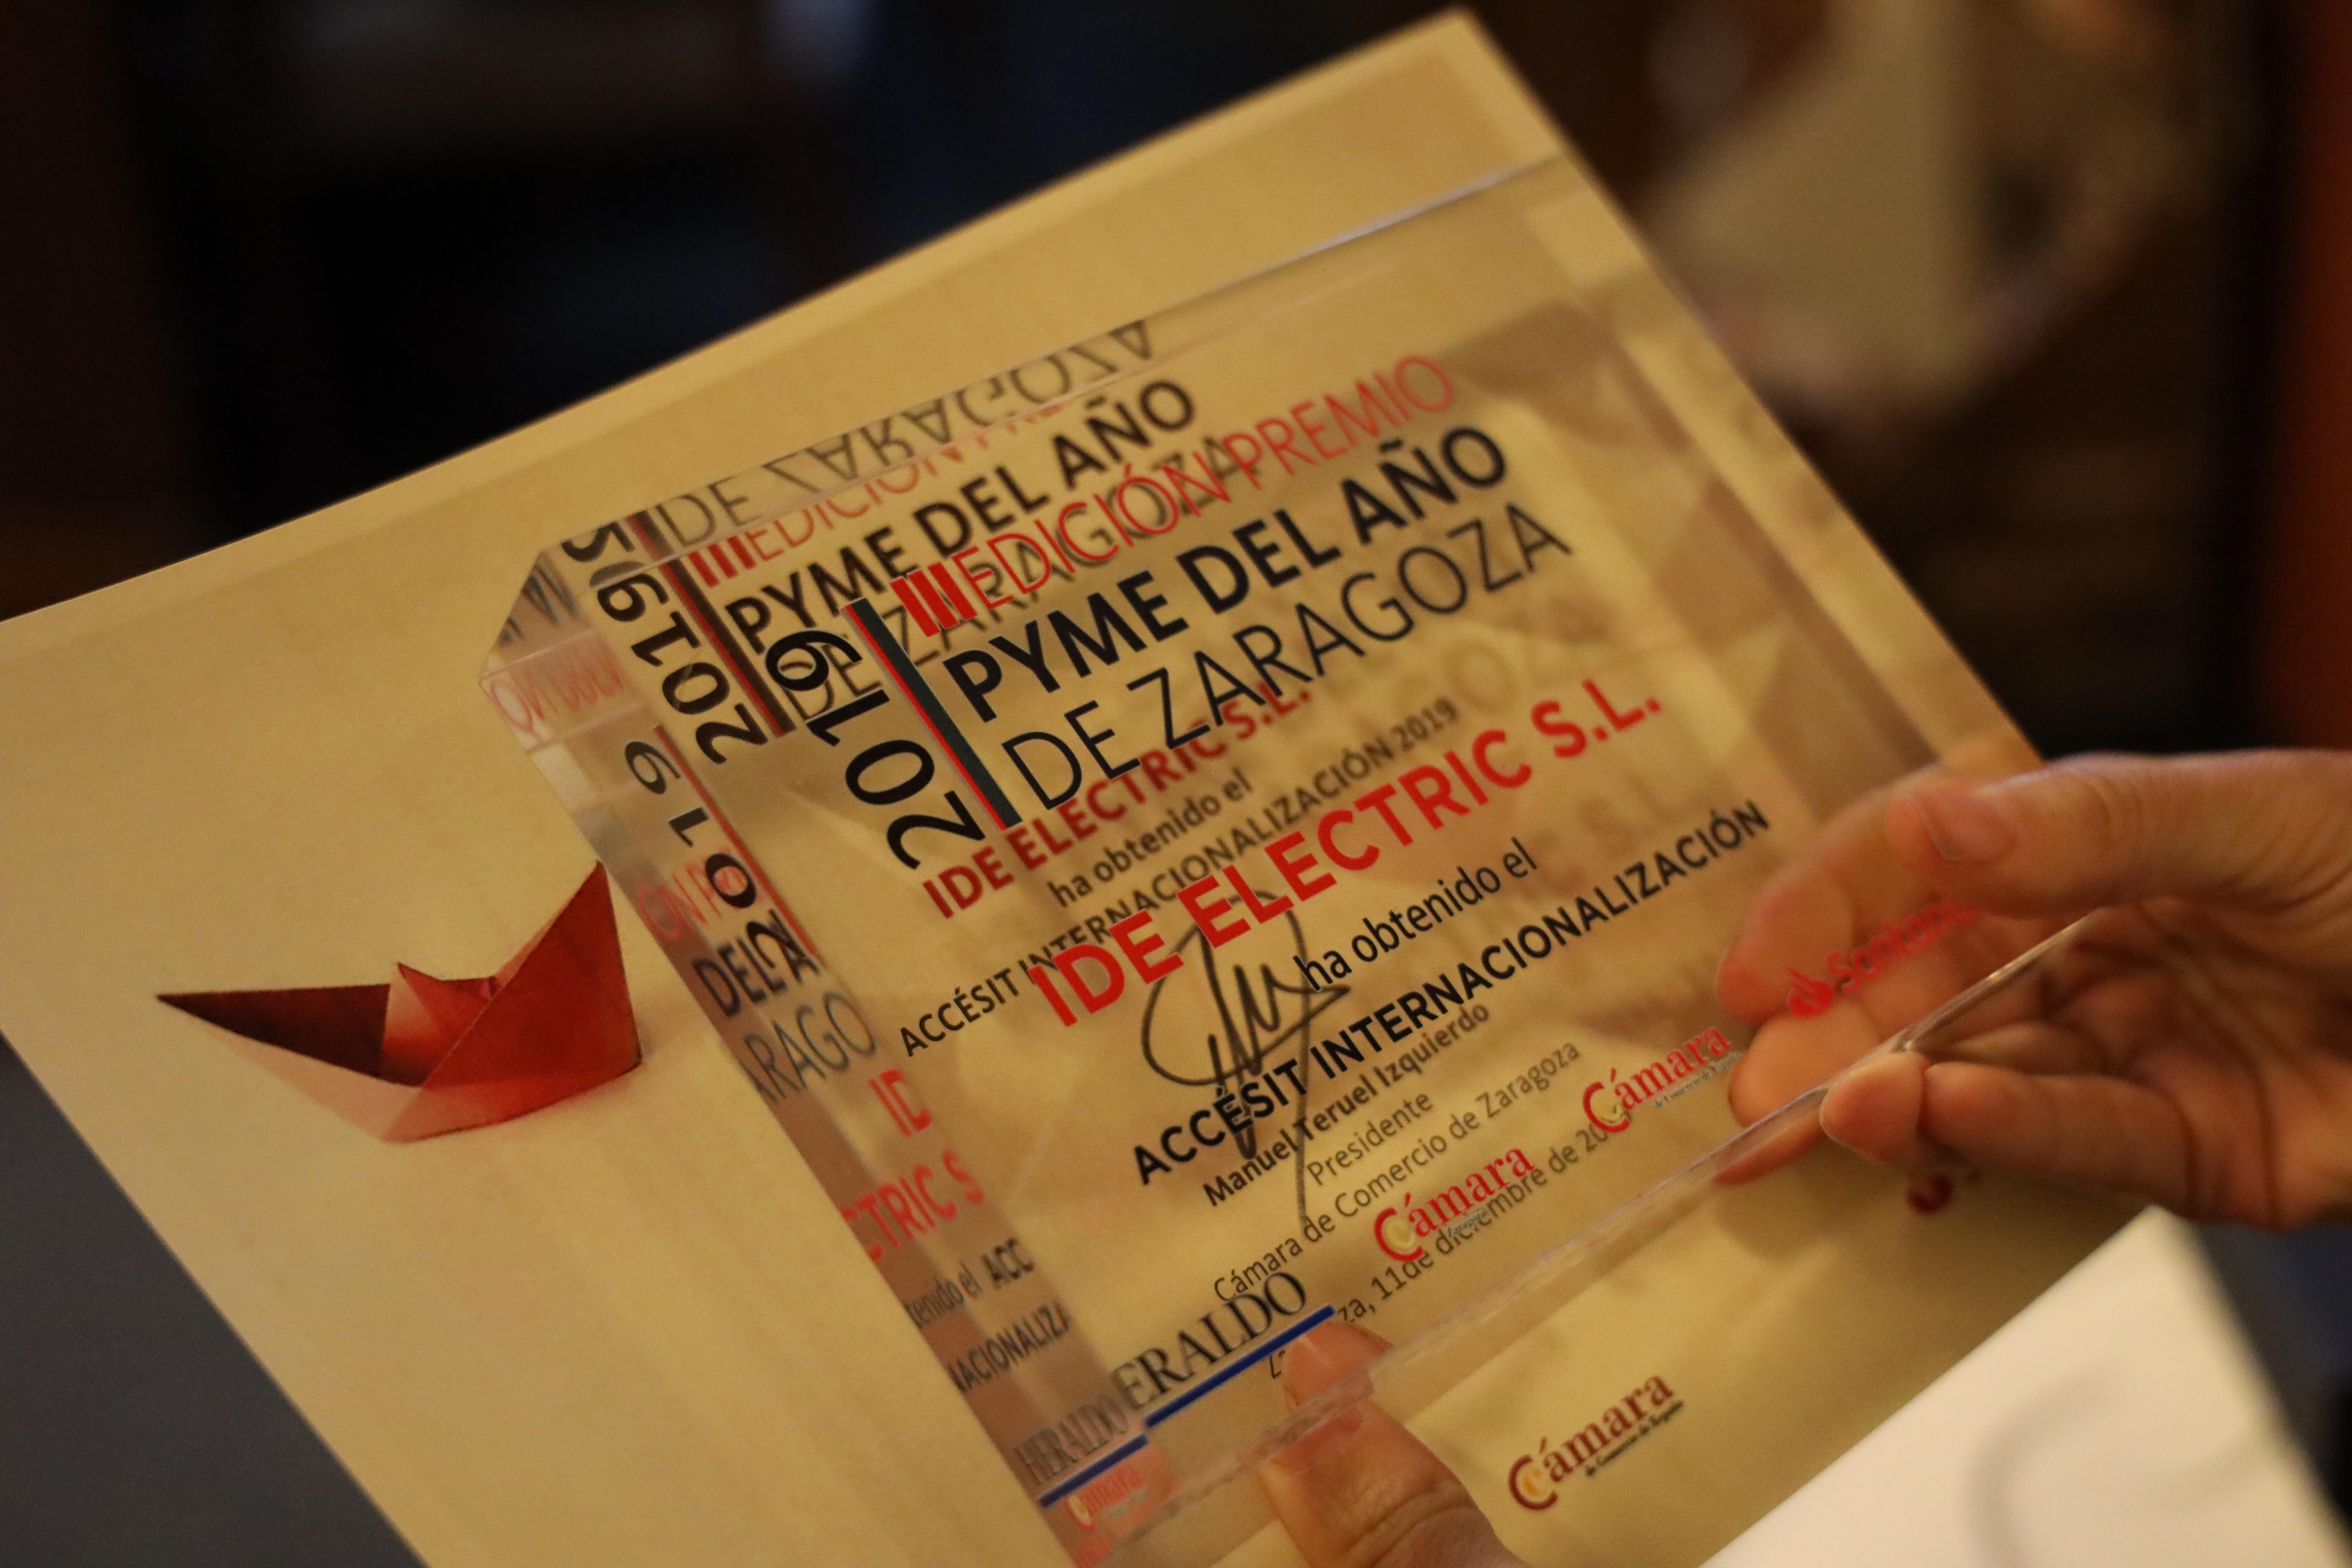 Agrar Semillas, Comercial Salgar, Copistería Lowcost, Foticos y Taisi, finalistas del Premio Pyme del Año 2020 en Zaragoza